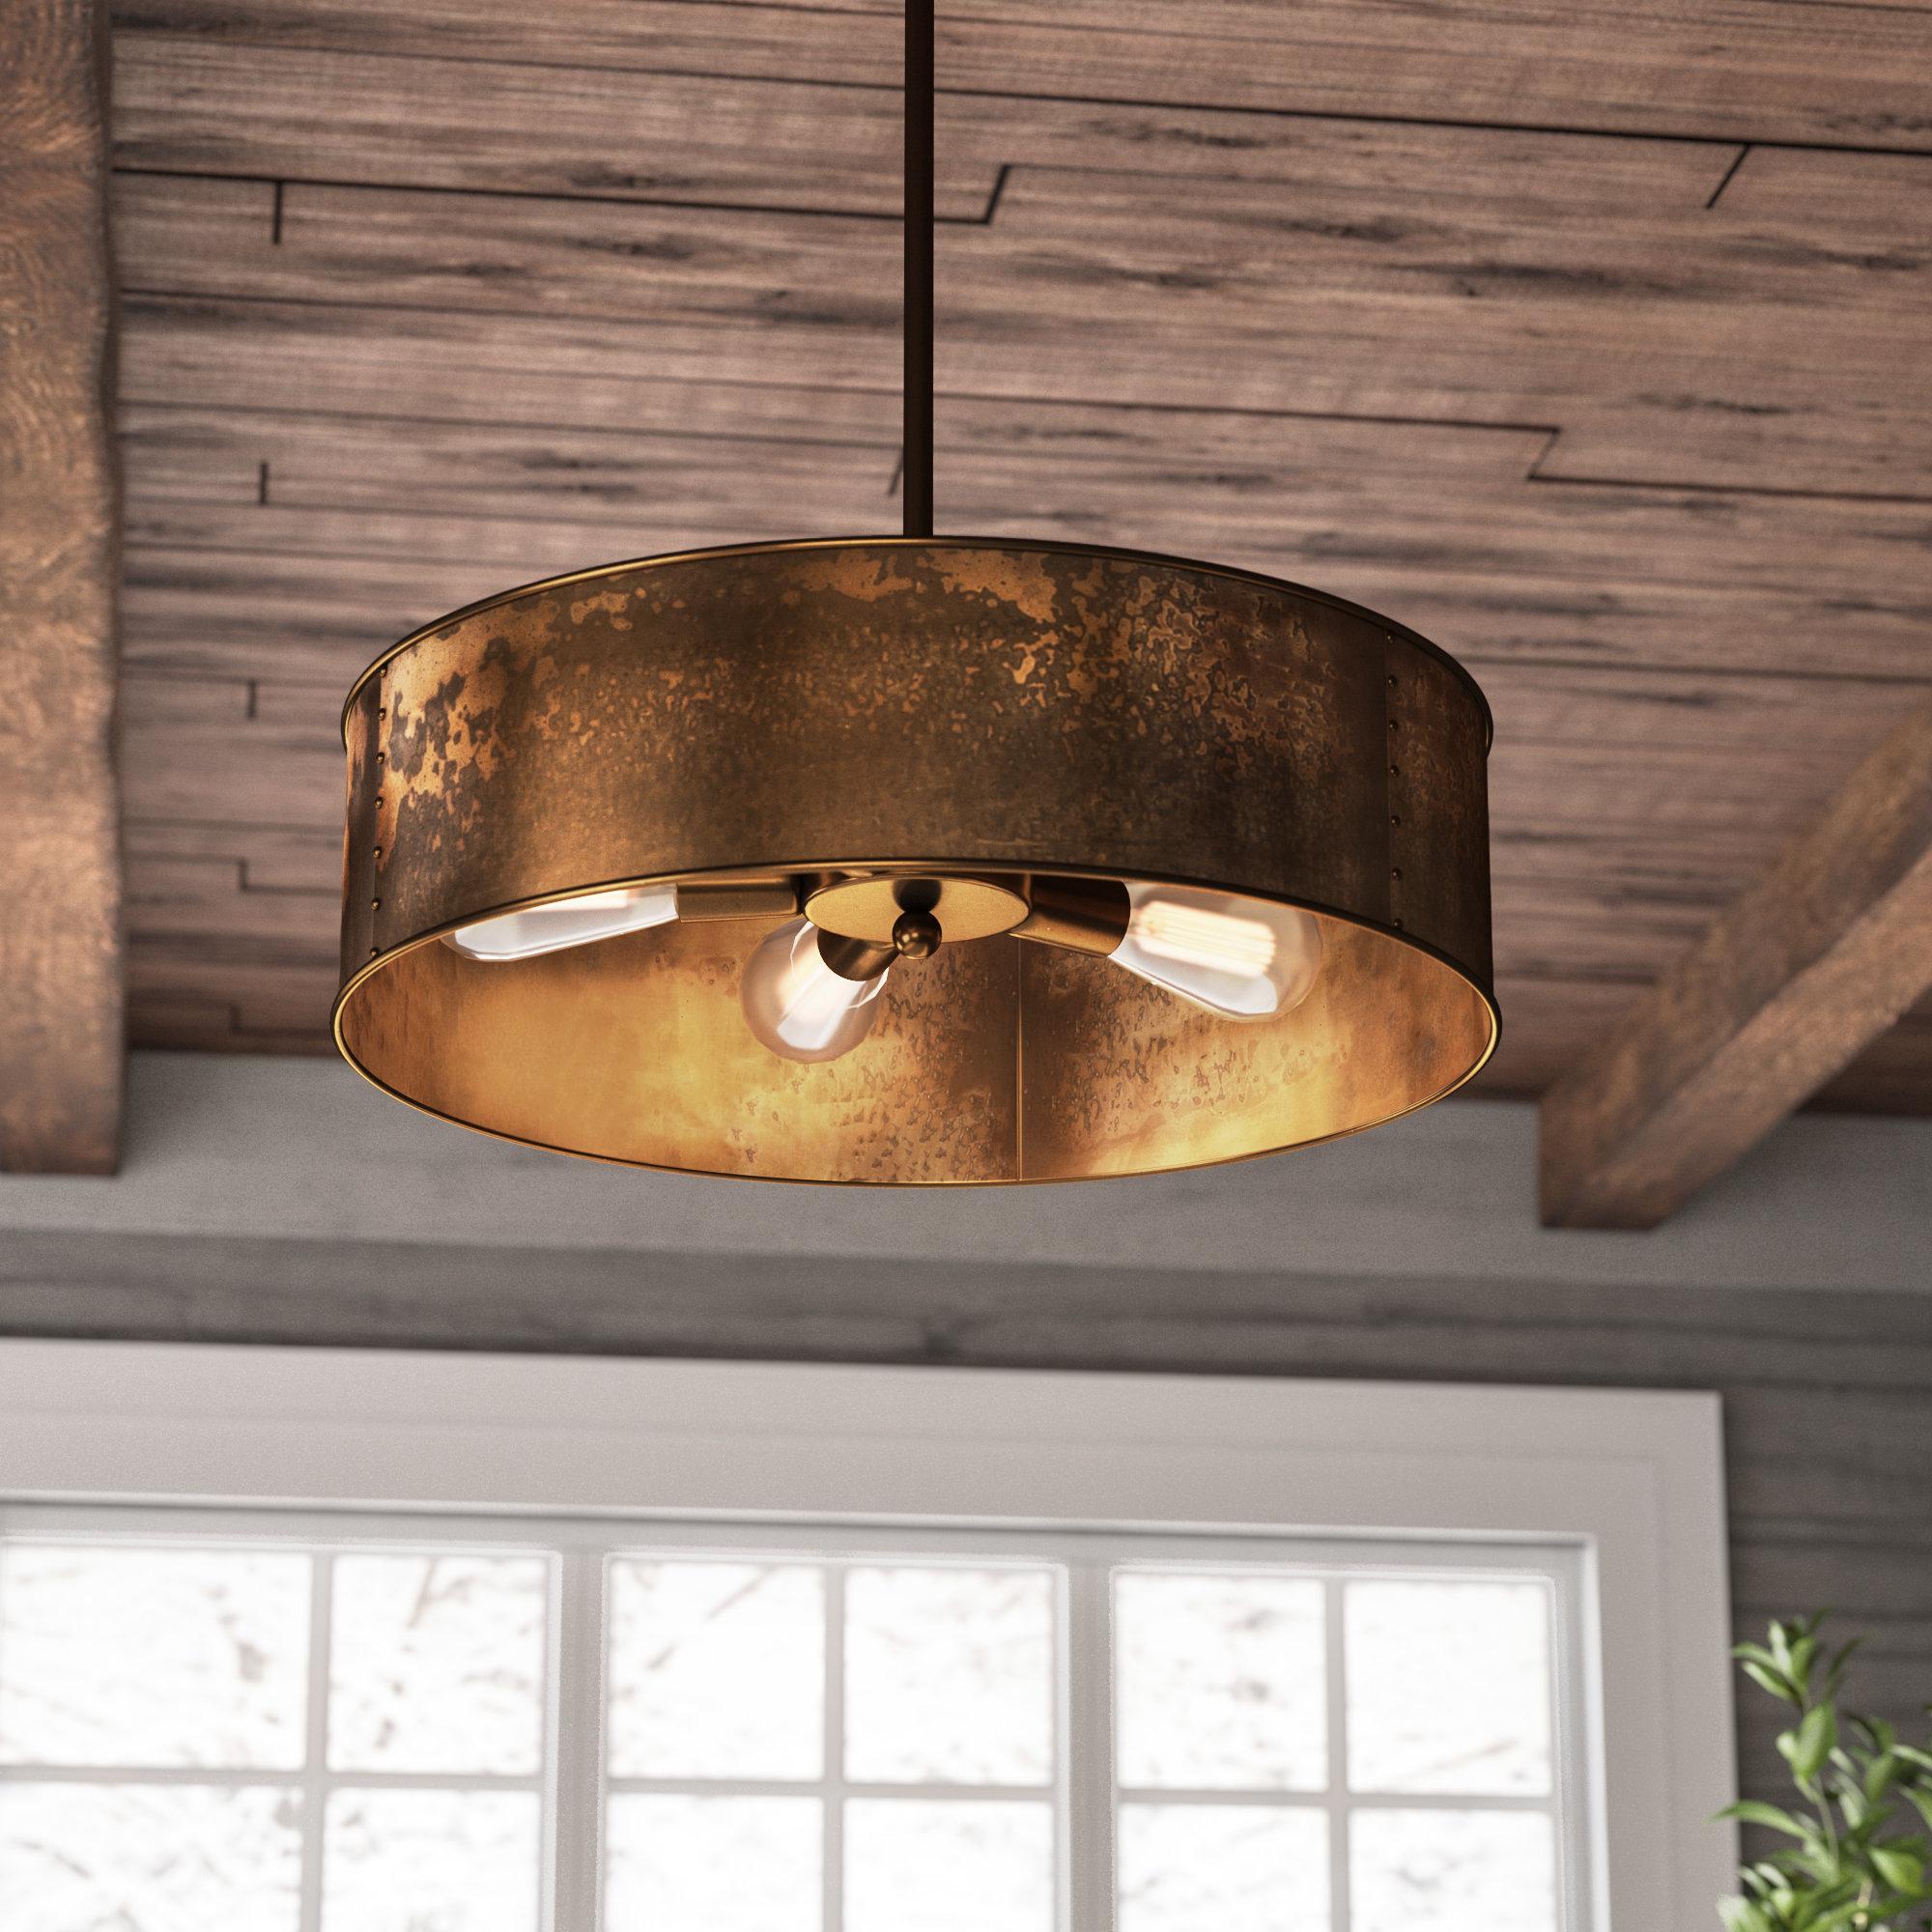 Preferred Vincent 4 Light Drum Chandelier Inside Vincent 5 Light Drum Chandeliers (View 4 of 25)